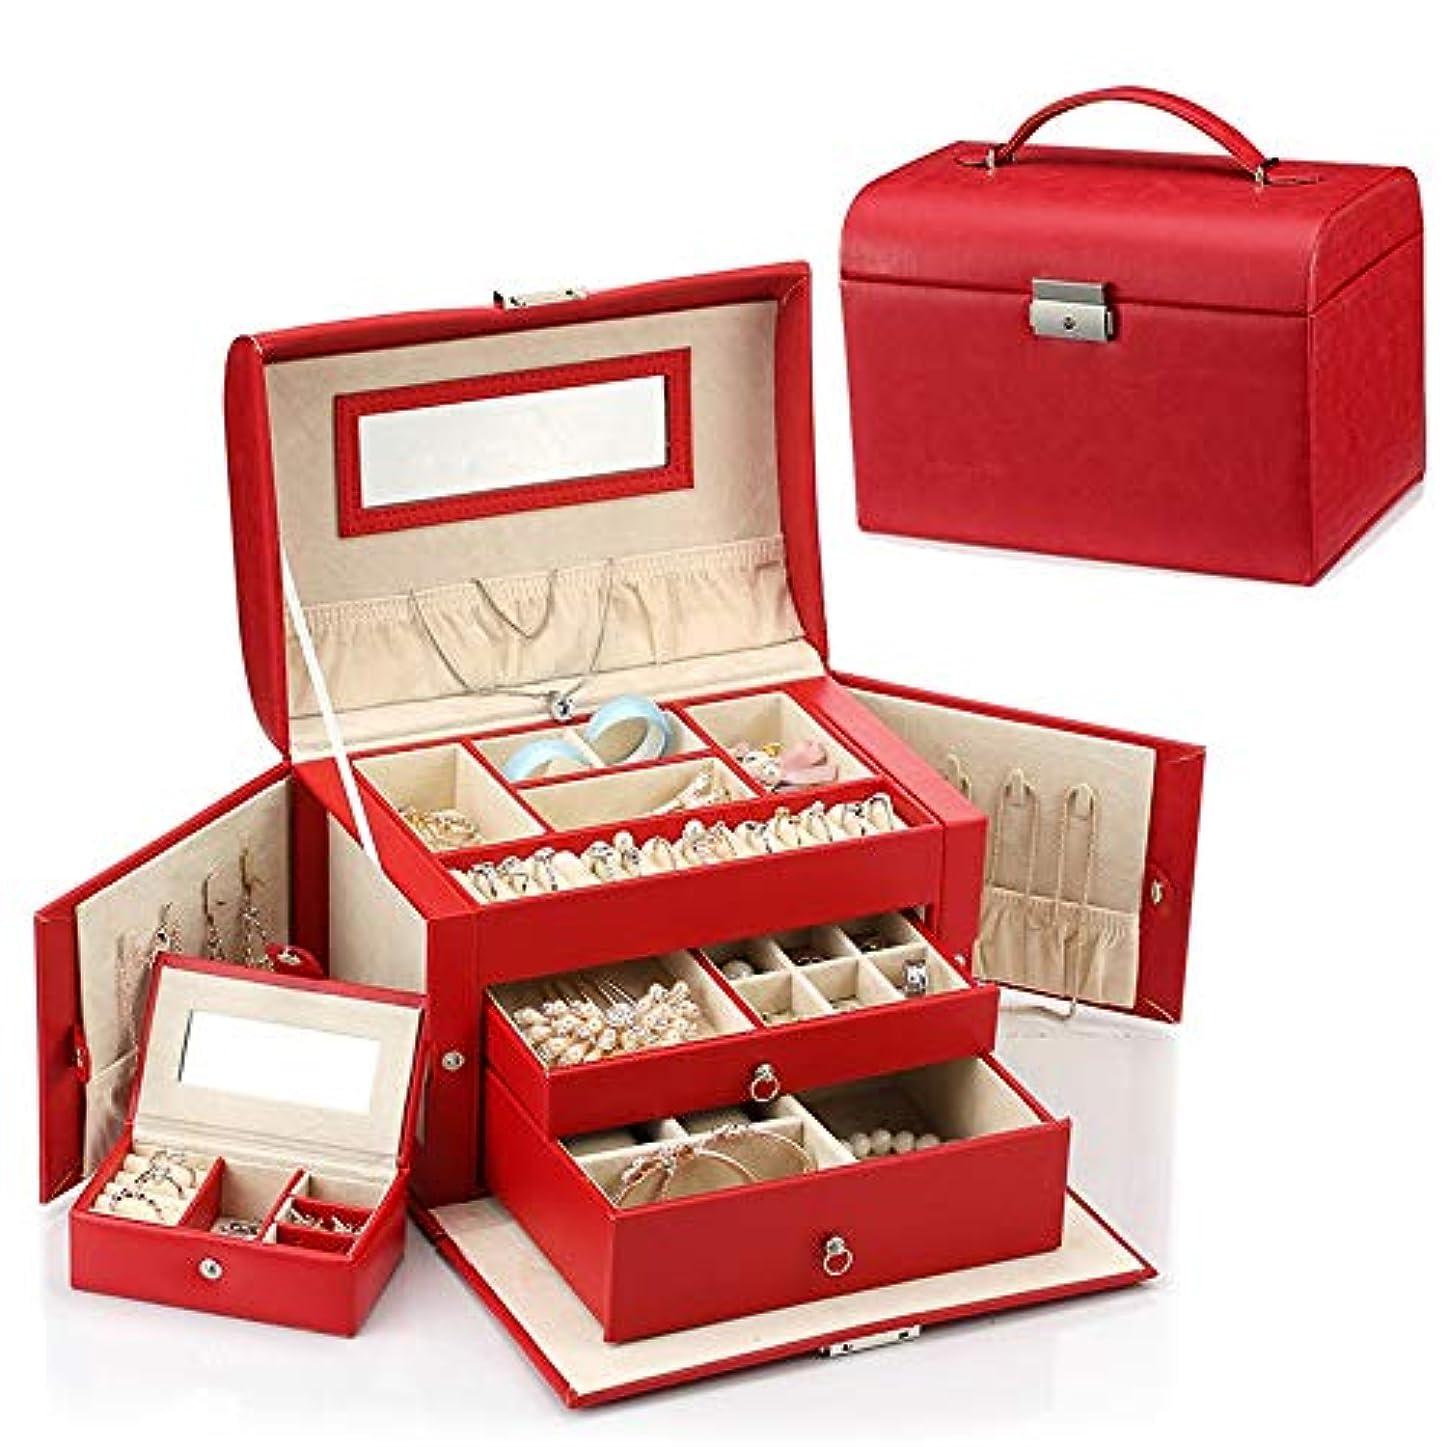 ベーシック父方のアボート特大スペース収納ビューティーボックス ジュエリーボックス、イミテーションレザーミディアムジュエリー収納ボックス、ポータブル、ロックレディレトロギフト - マルチカラーオプション 化粧品化粧台 (色 : 赤)